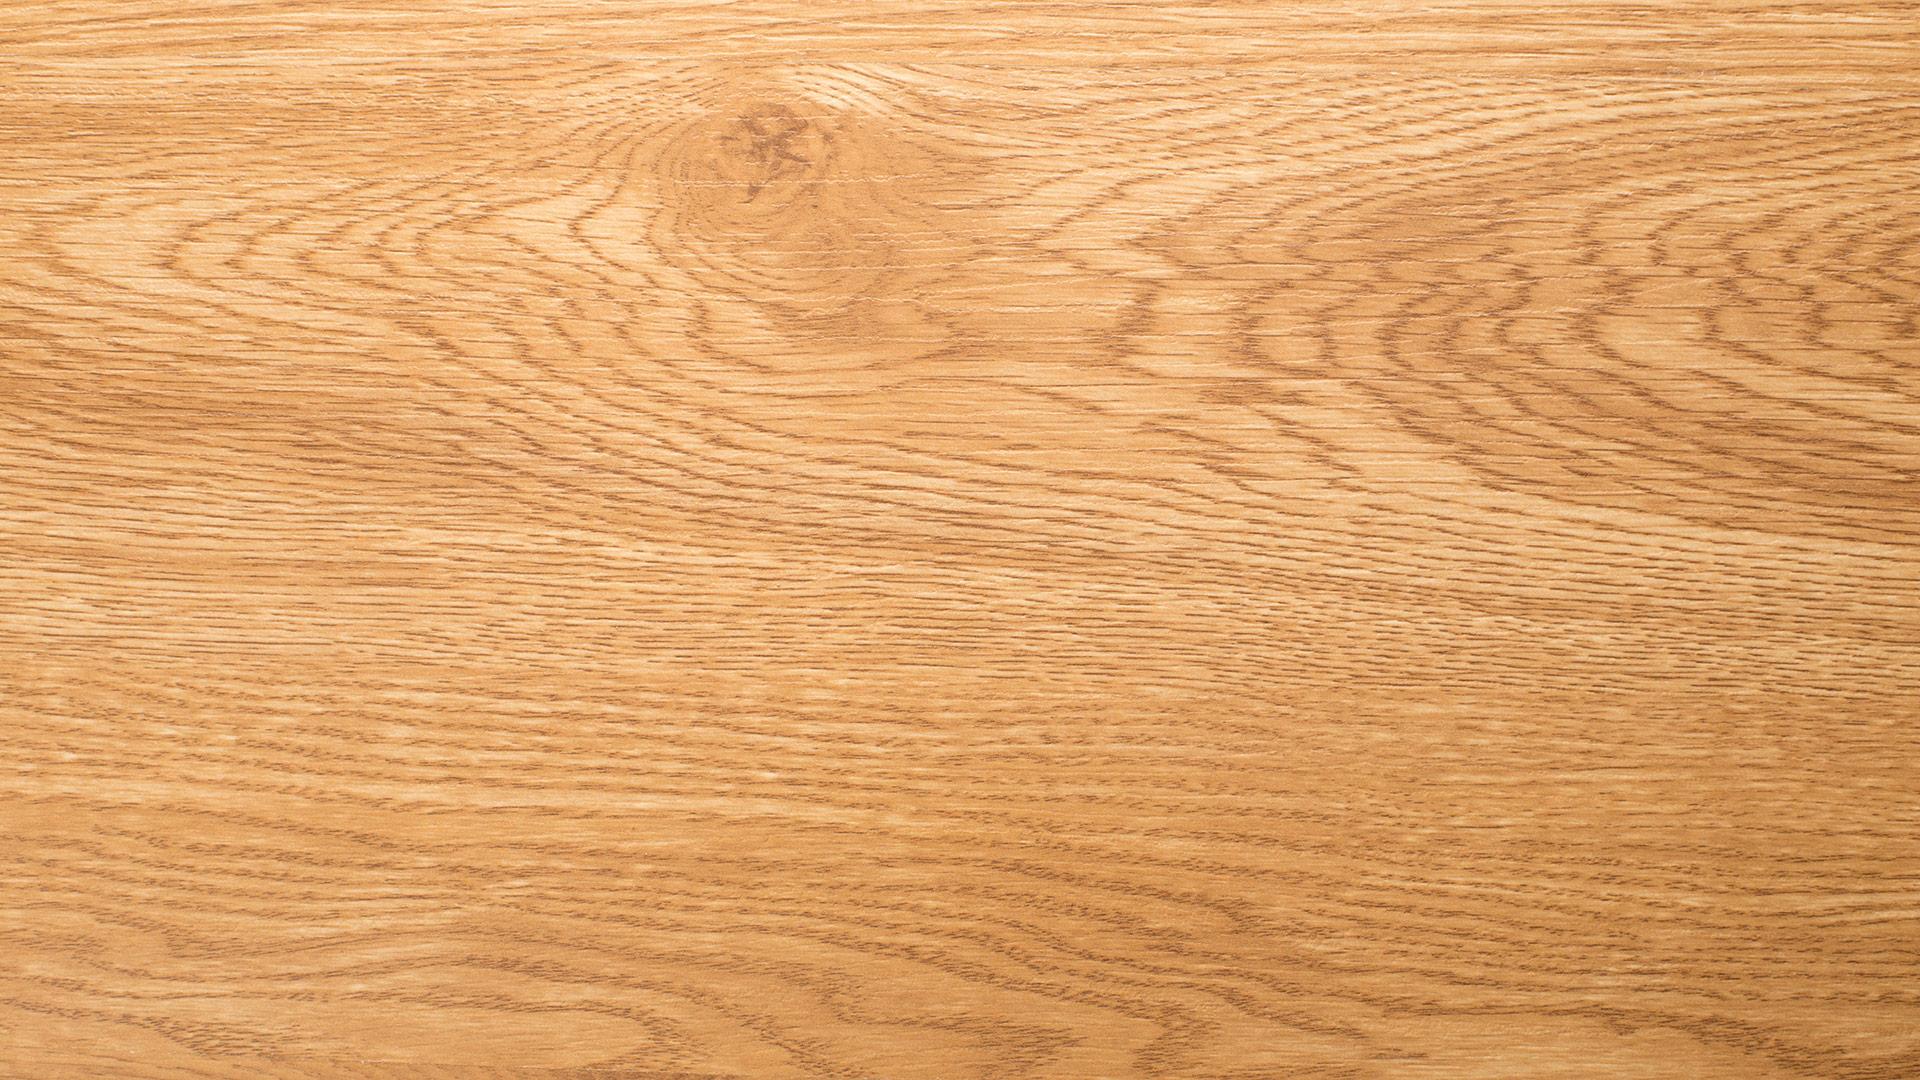 Beech grain 1920x1080